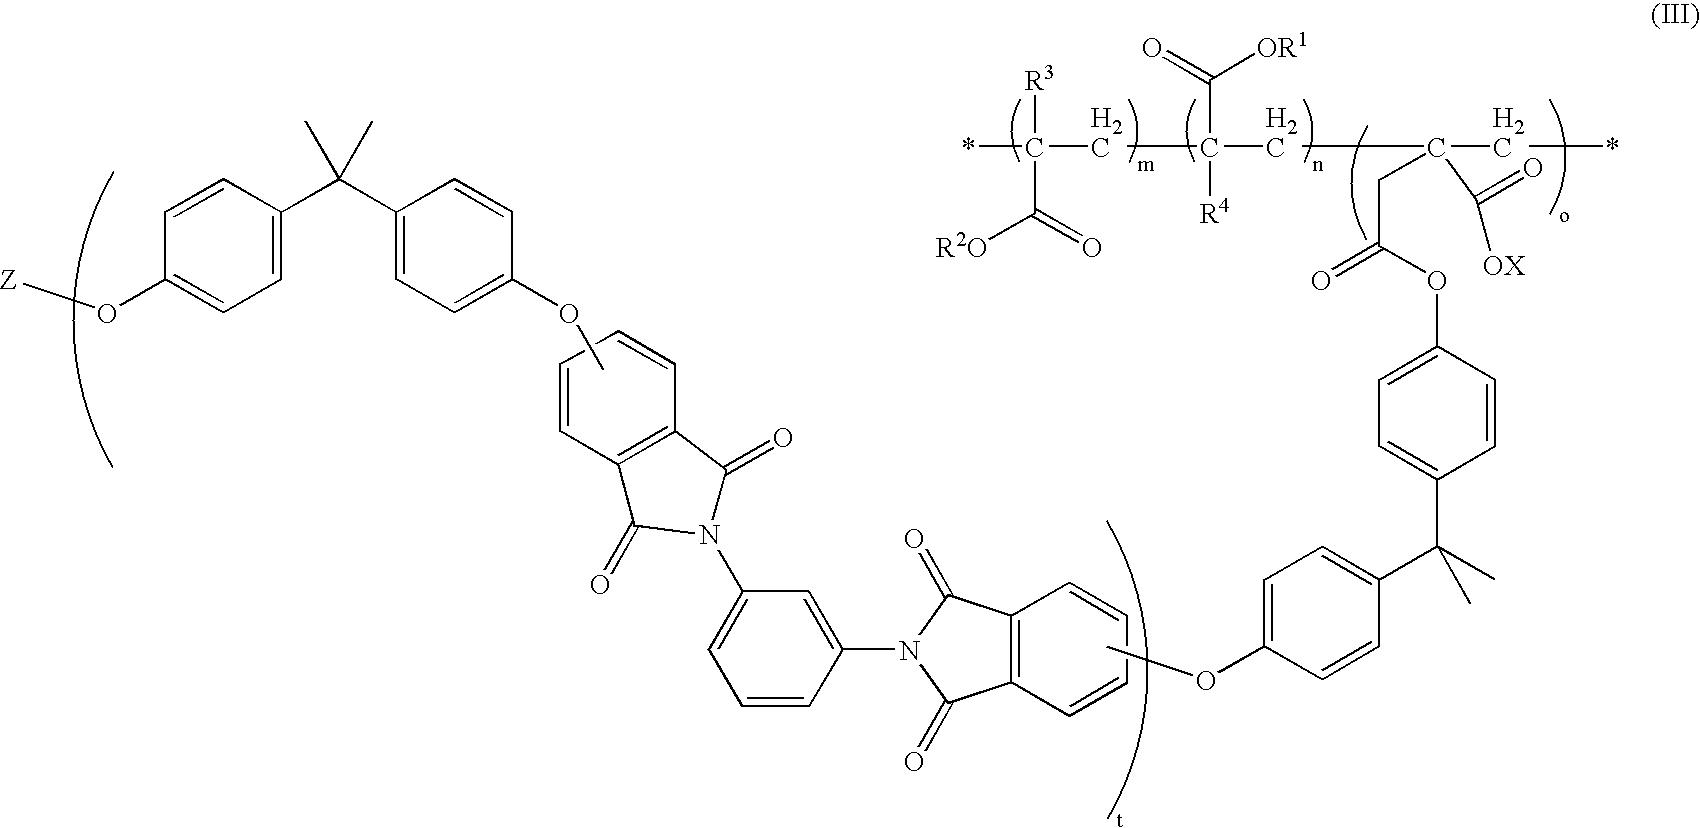 Figure US07291696-20071106-C00004